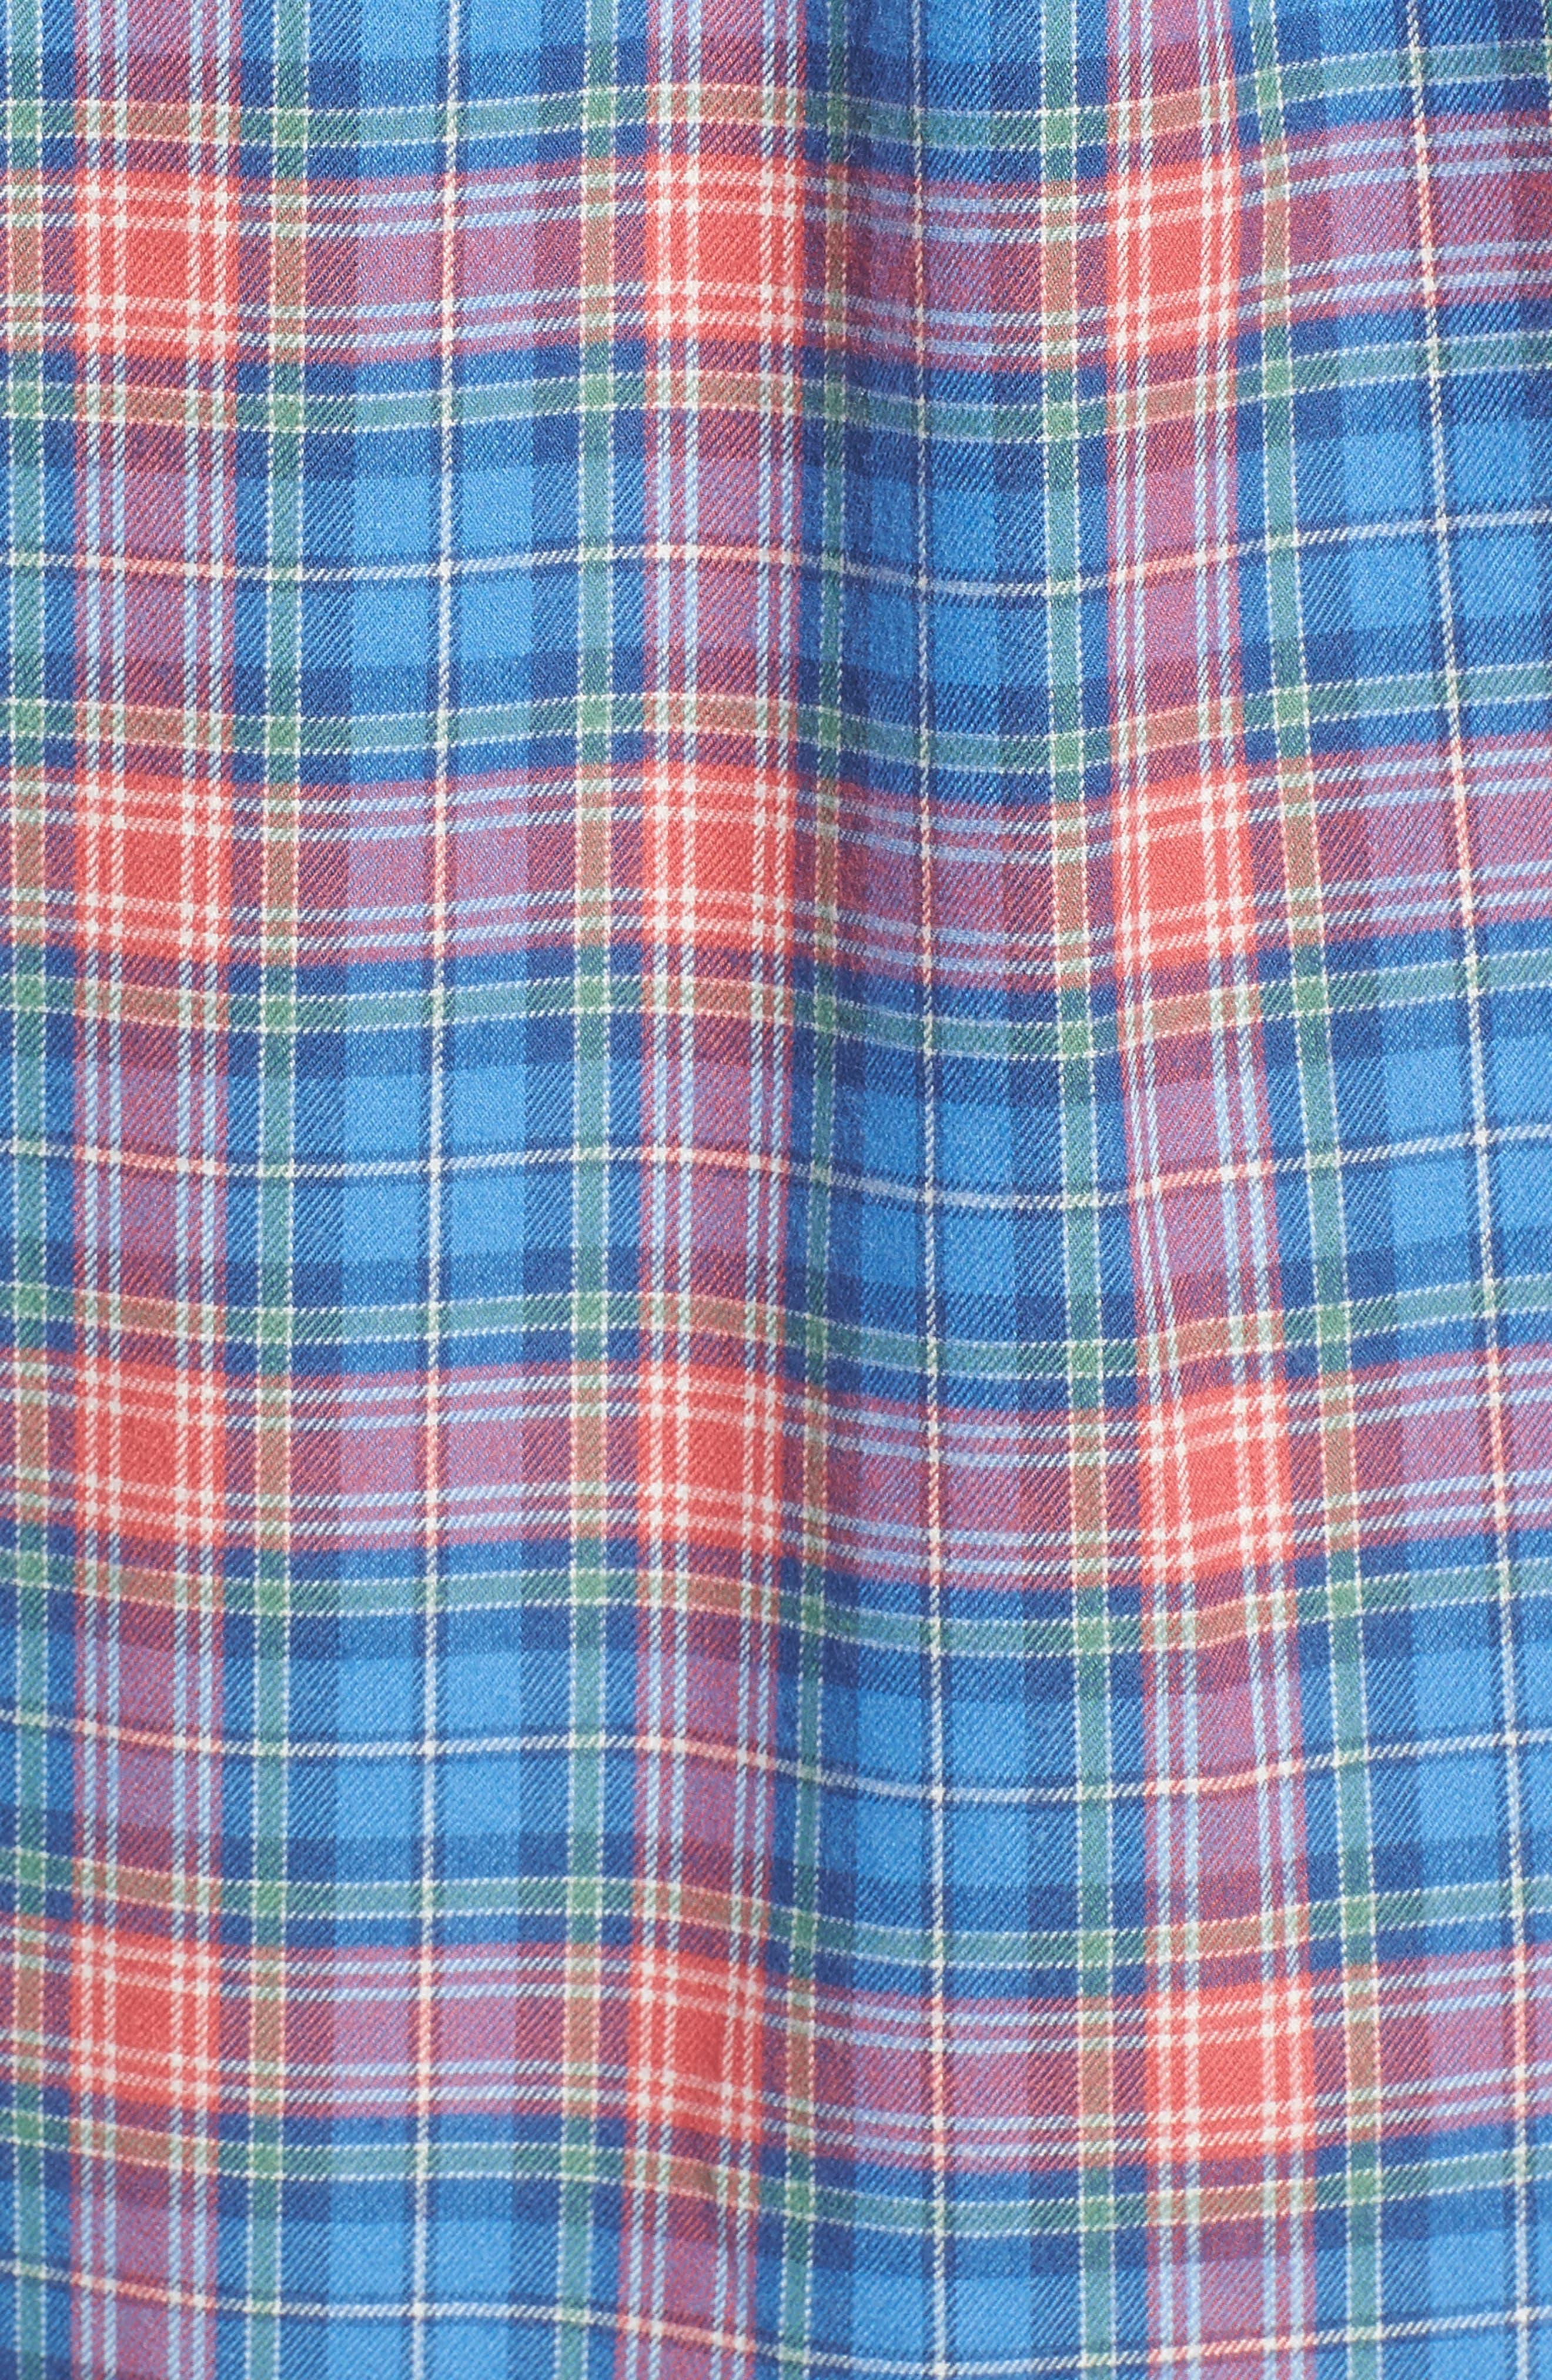 Kingsley Park Slim Fit Plaid Sport Shirt,                             Alternate thumbnail 5, color,                             Bimini Blue